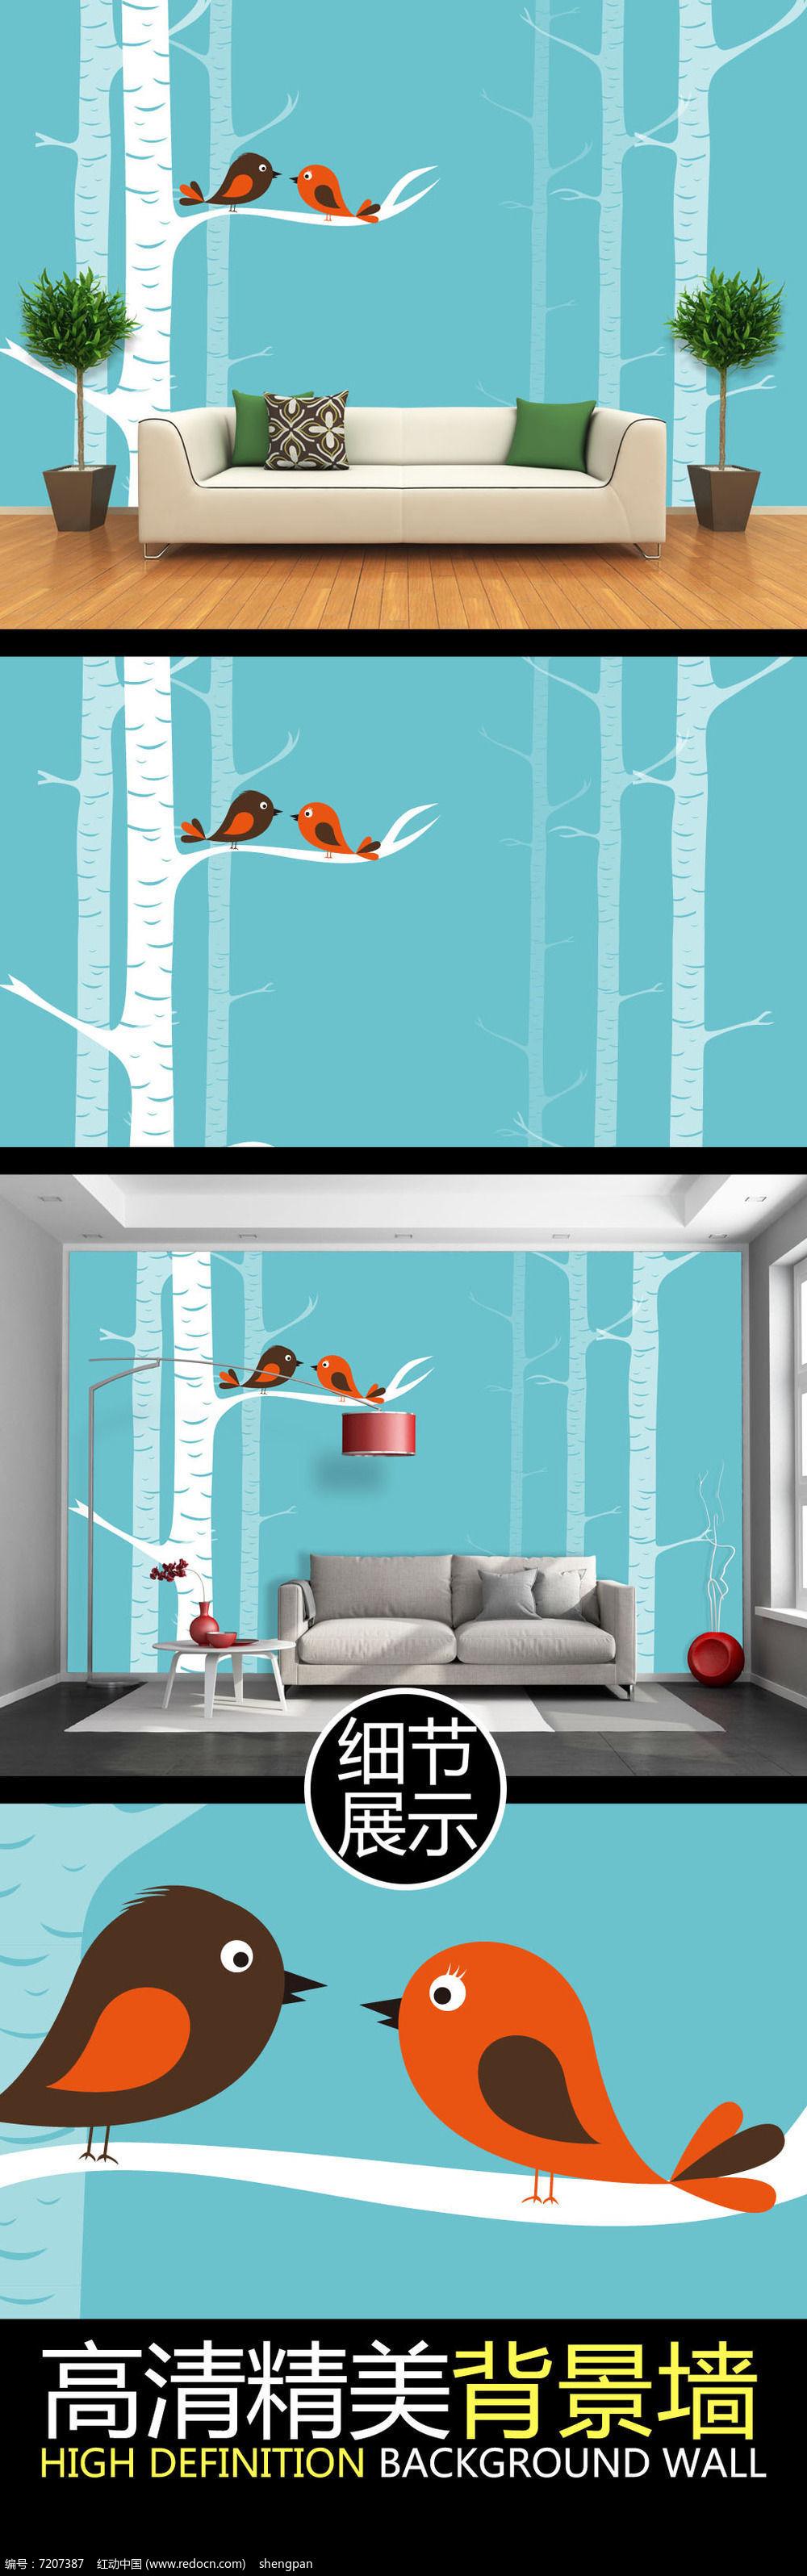 简约北欧风格手绘小鸟树林艺术背景墙